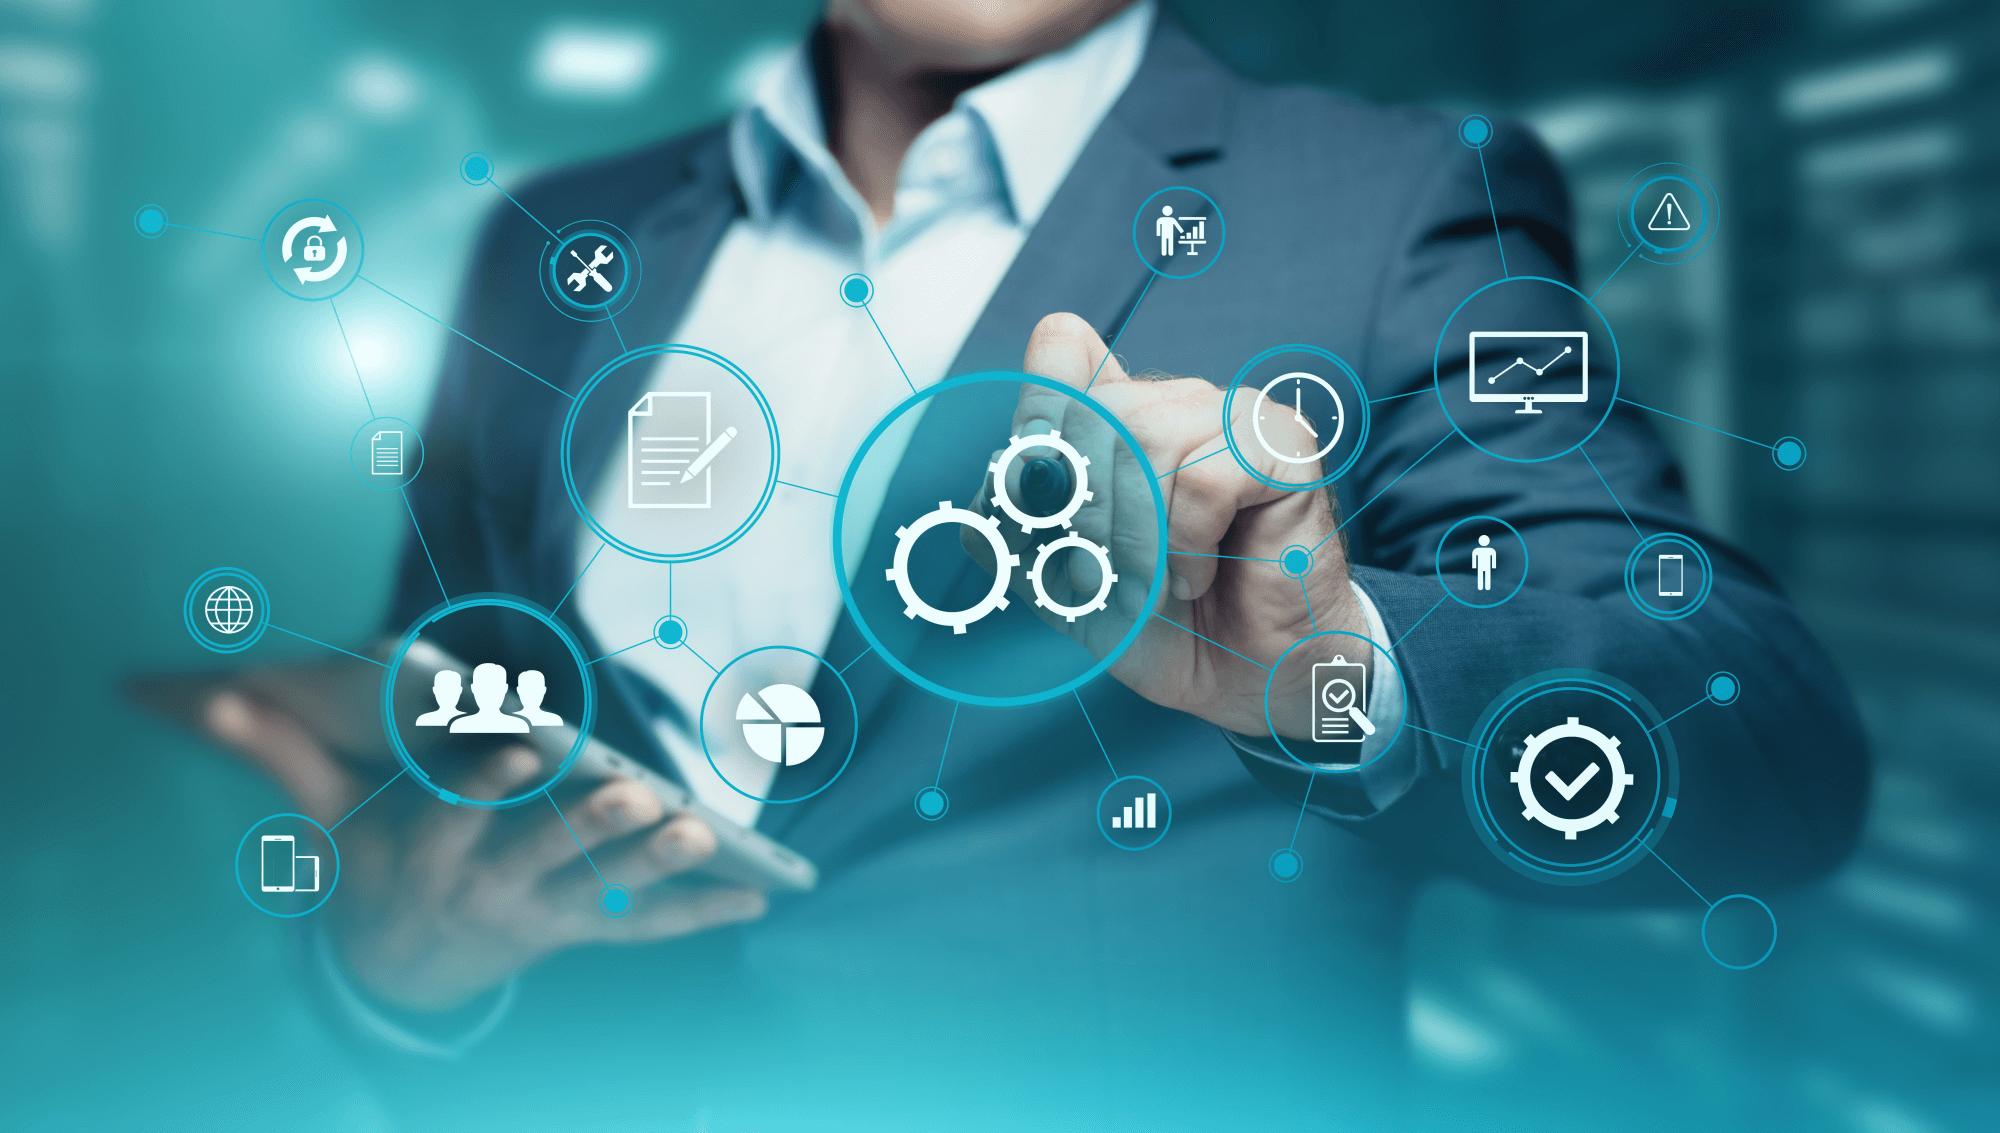 De ethiek van AI en big data | 5 ethische principes | Verantwoorde AI